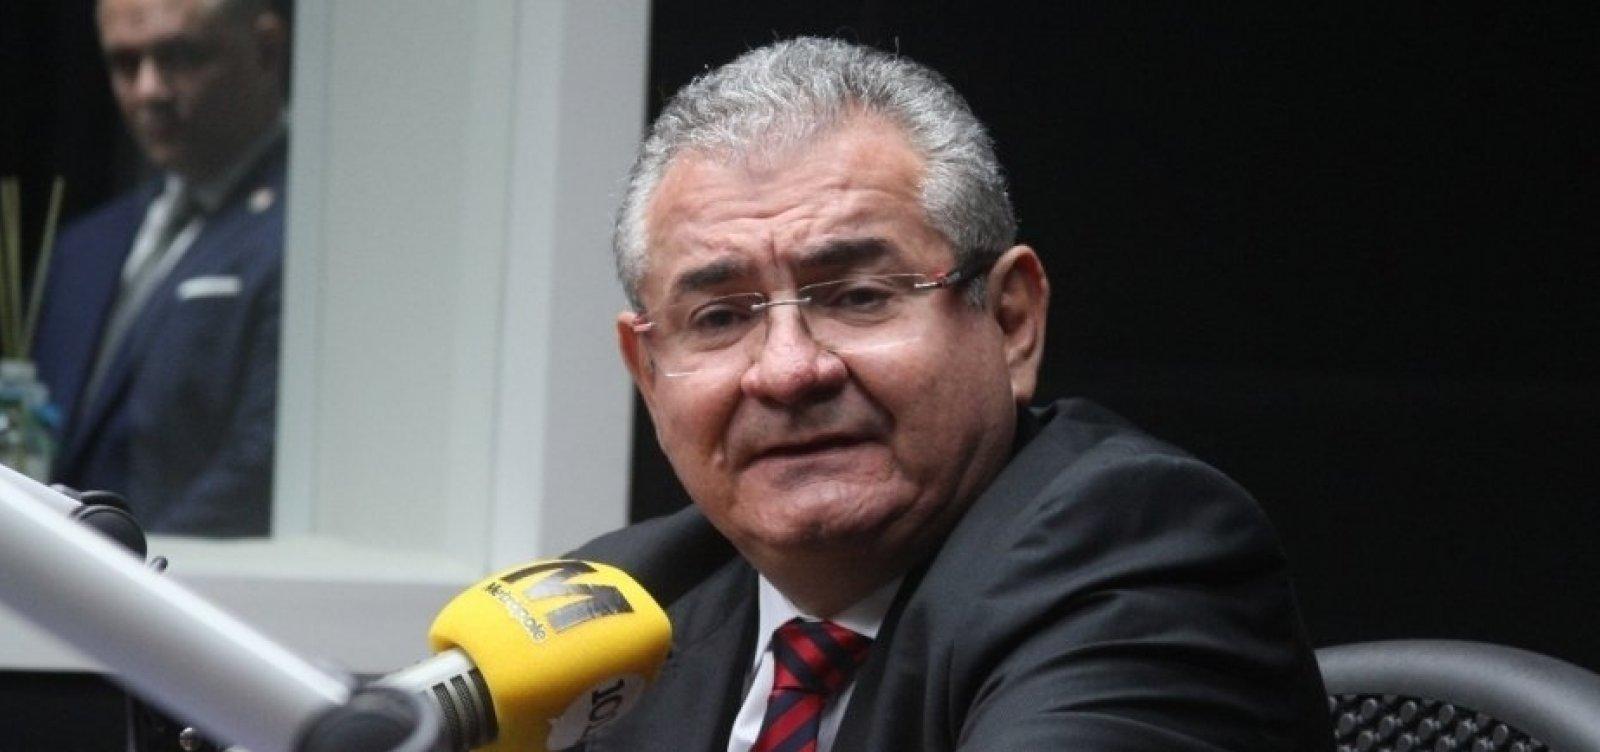 Se plataforma digital não contribuir, não pode ficar no Brasil, diz presidente da CPI das fake news